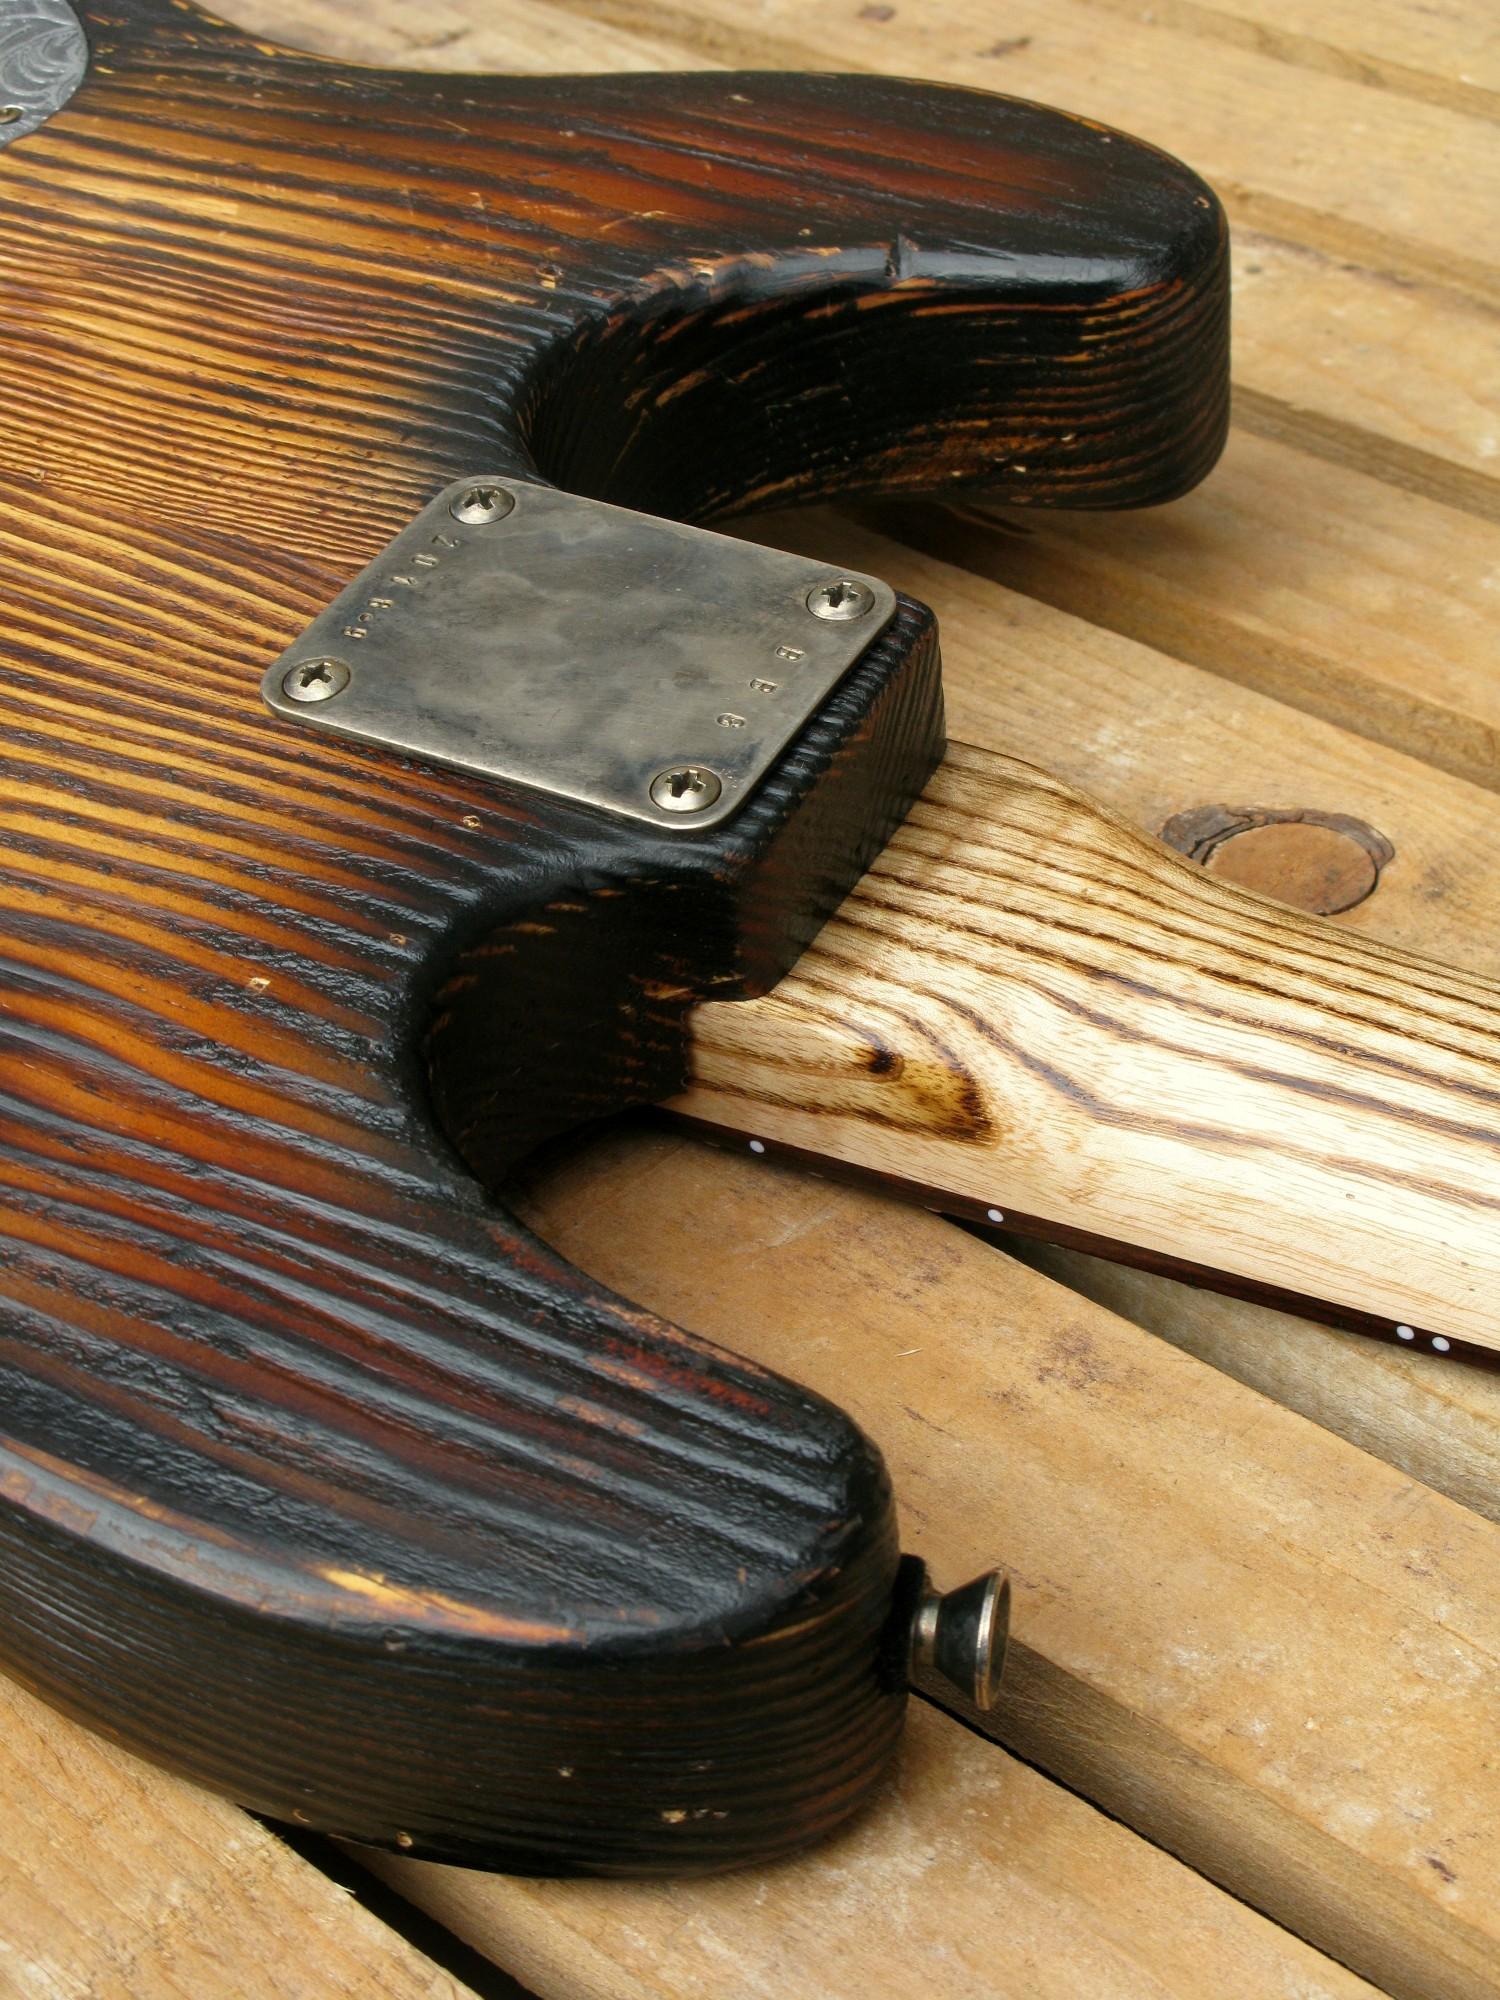 Chitarra modello Stratocaster, body in pino, manico in frassino, reverse: piastra manico